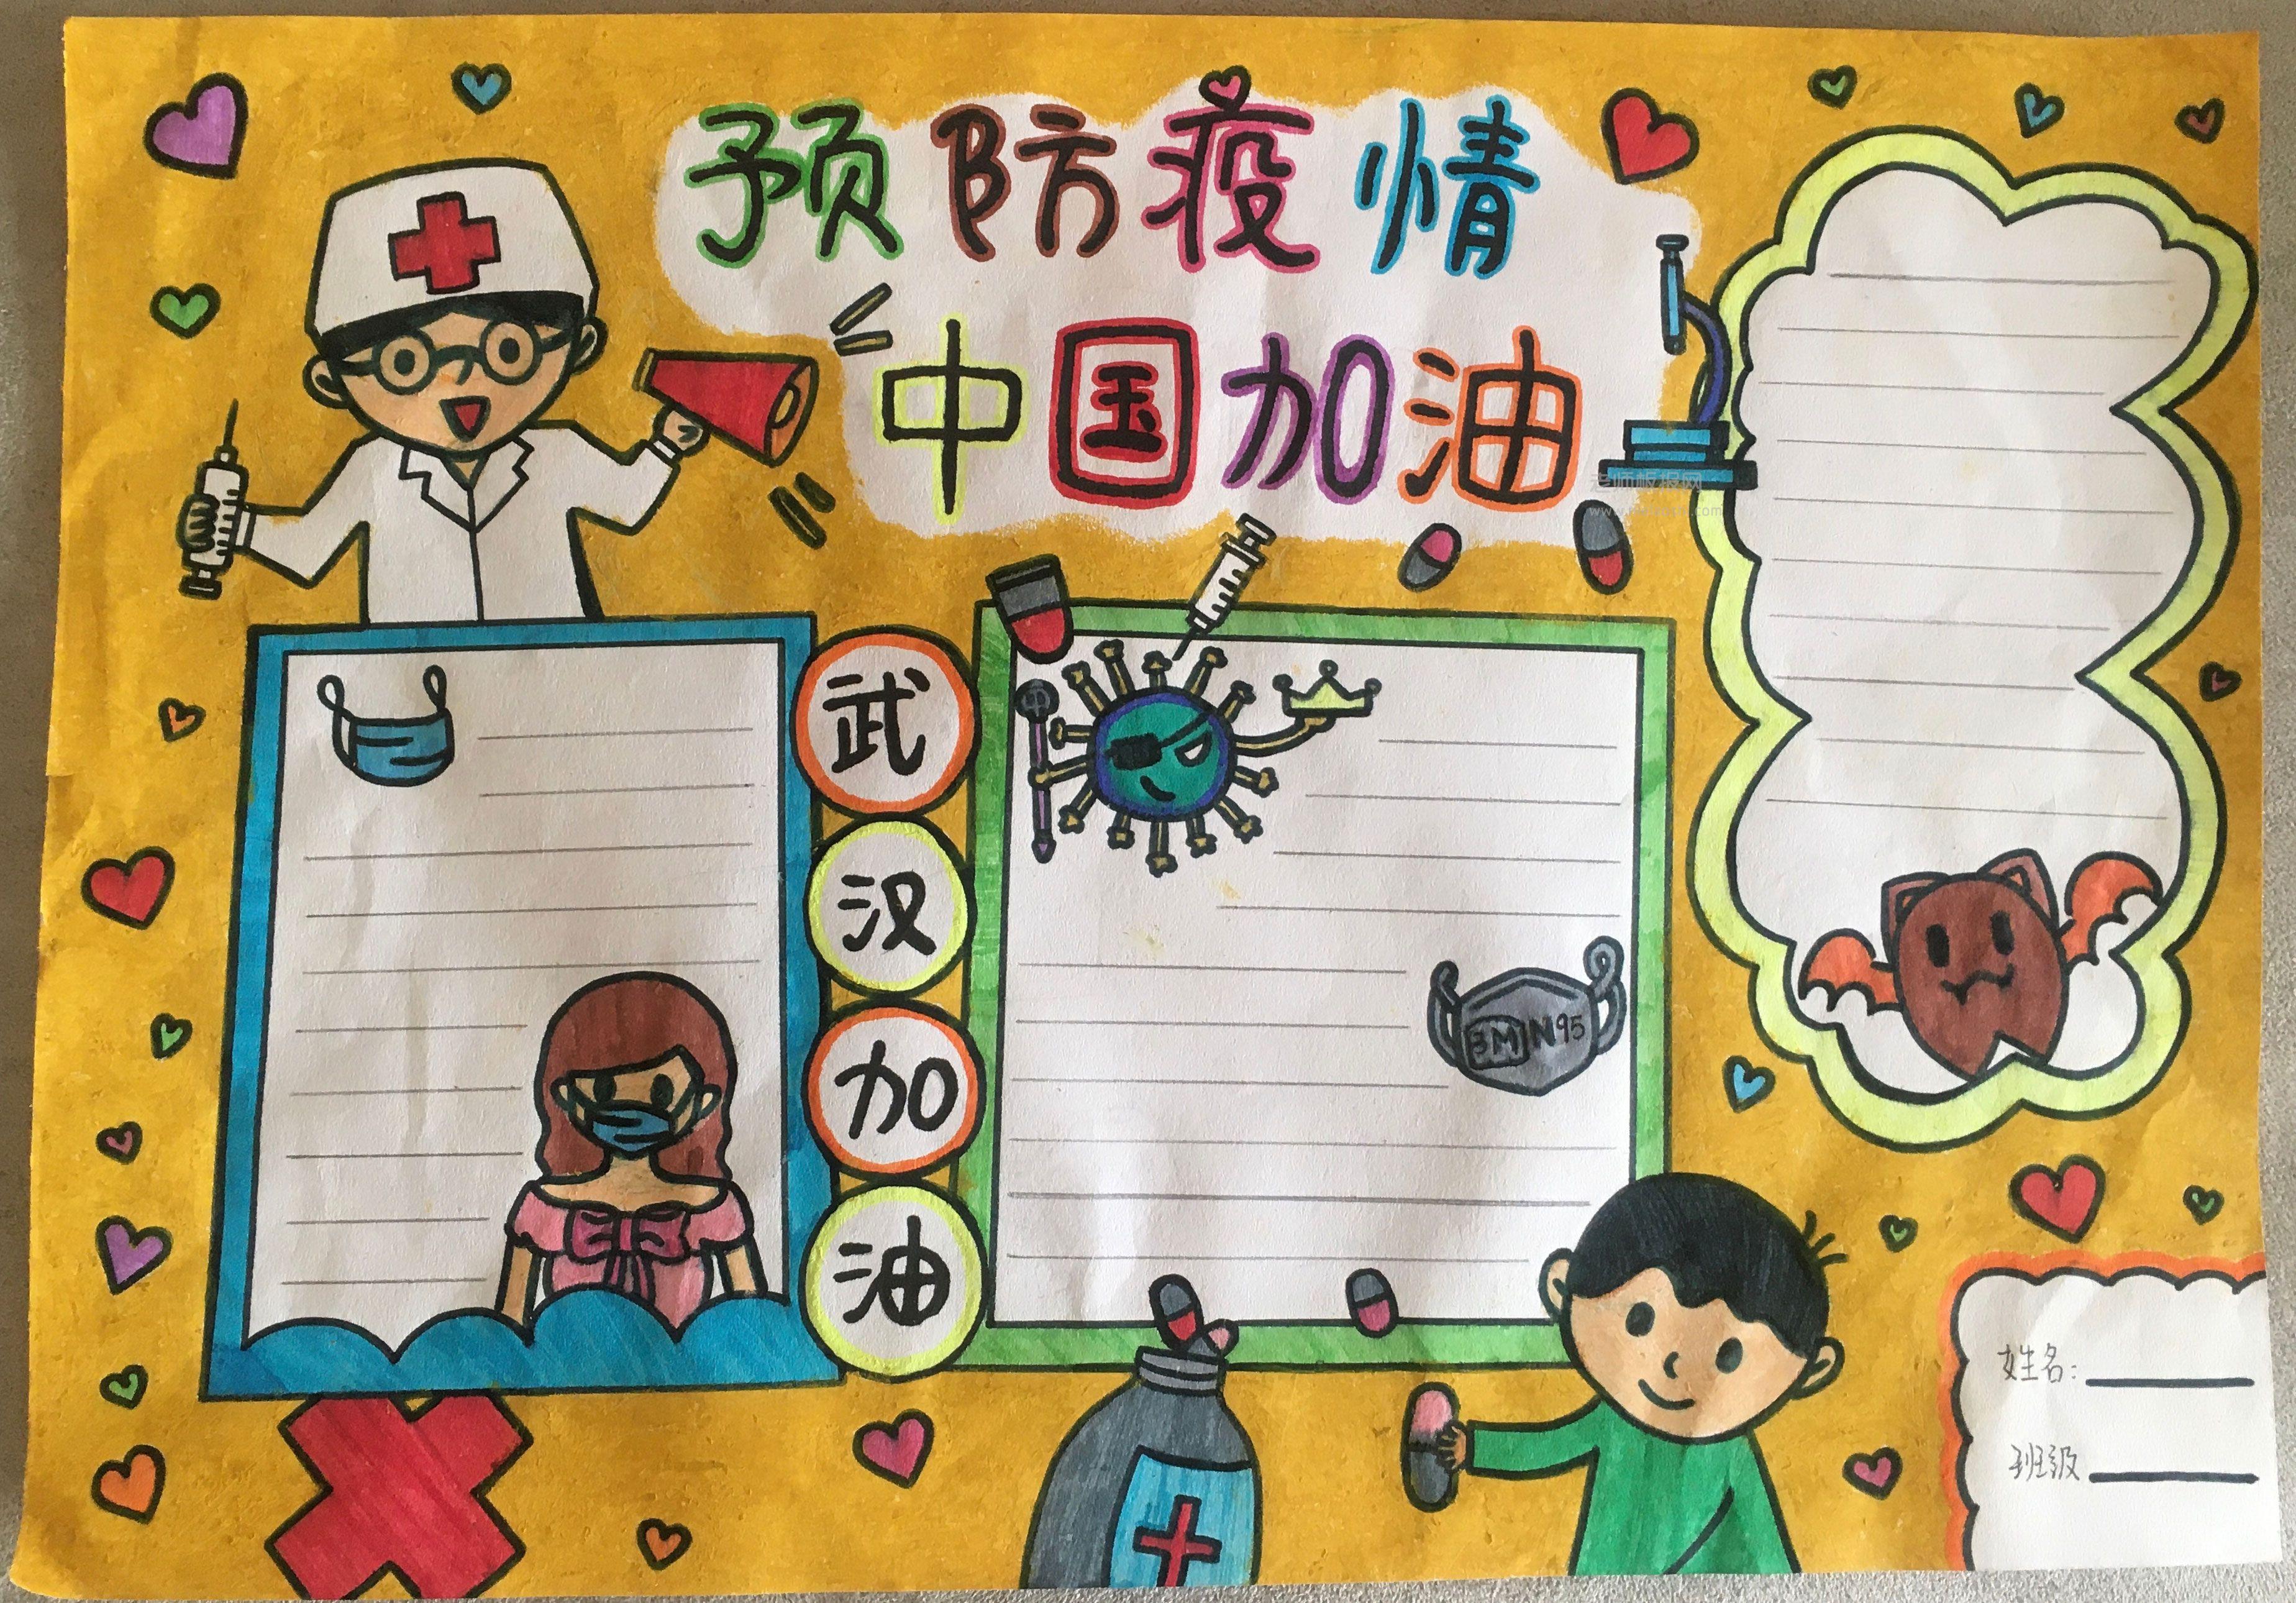 预防疫情 中国加油手抄报版面设计图片